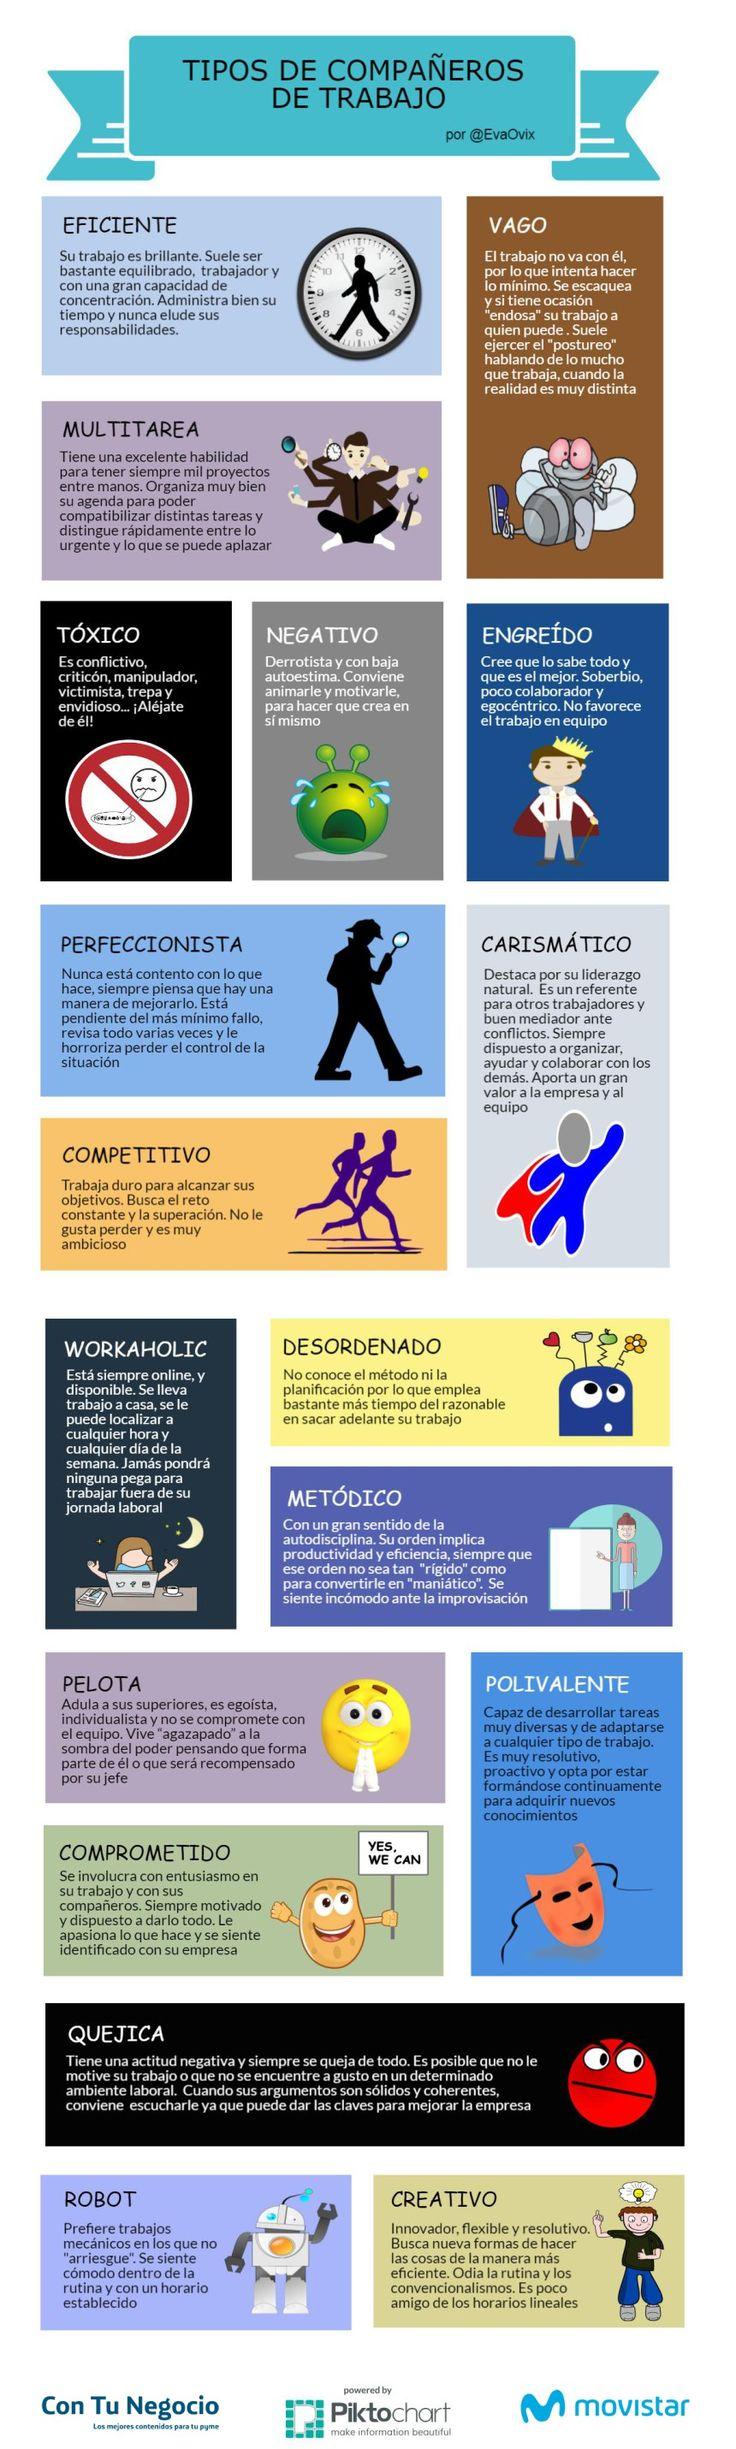 Tipos de compañeros de trabajo #infografia